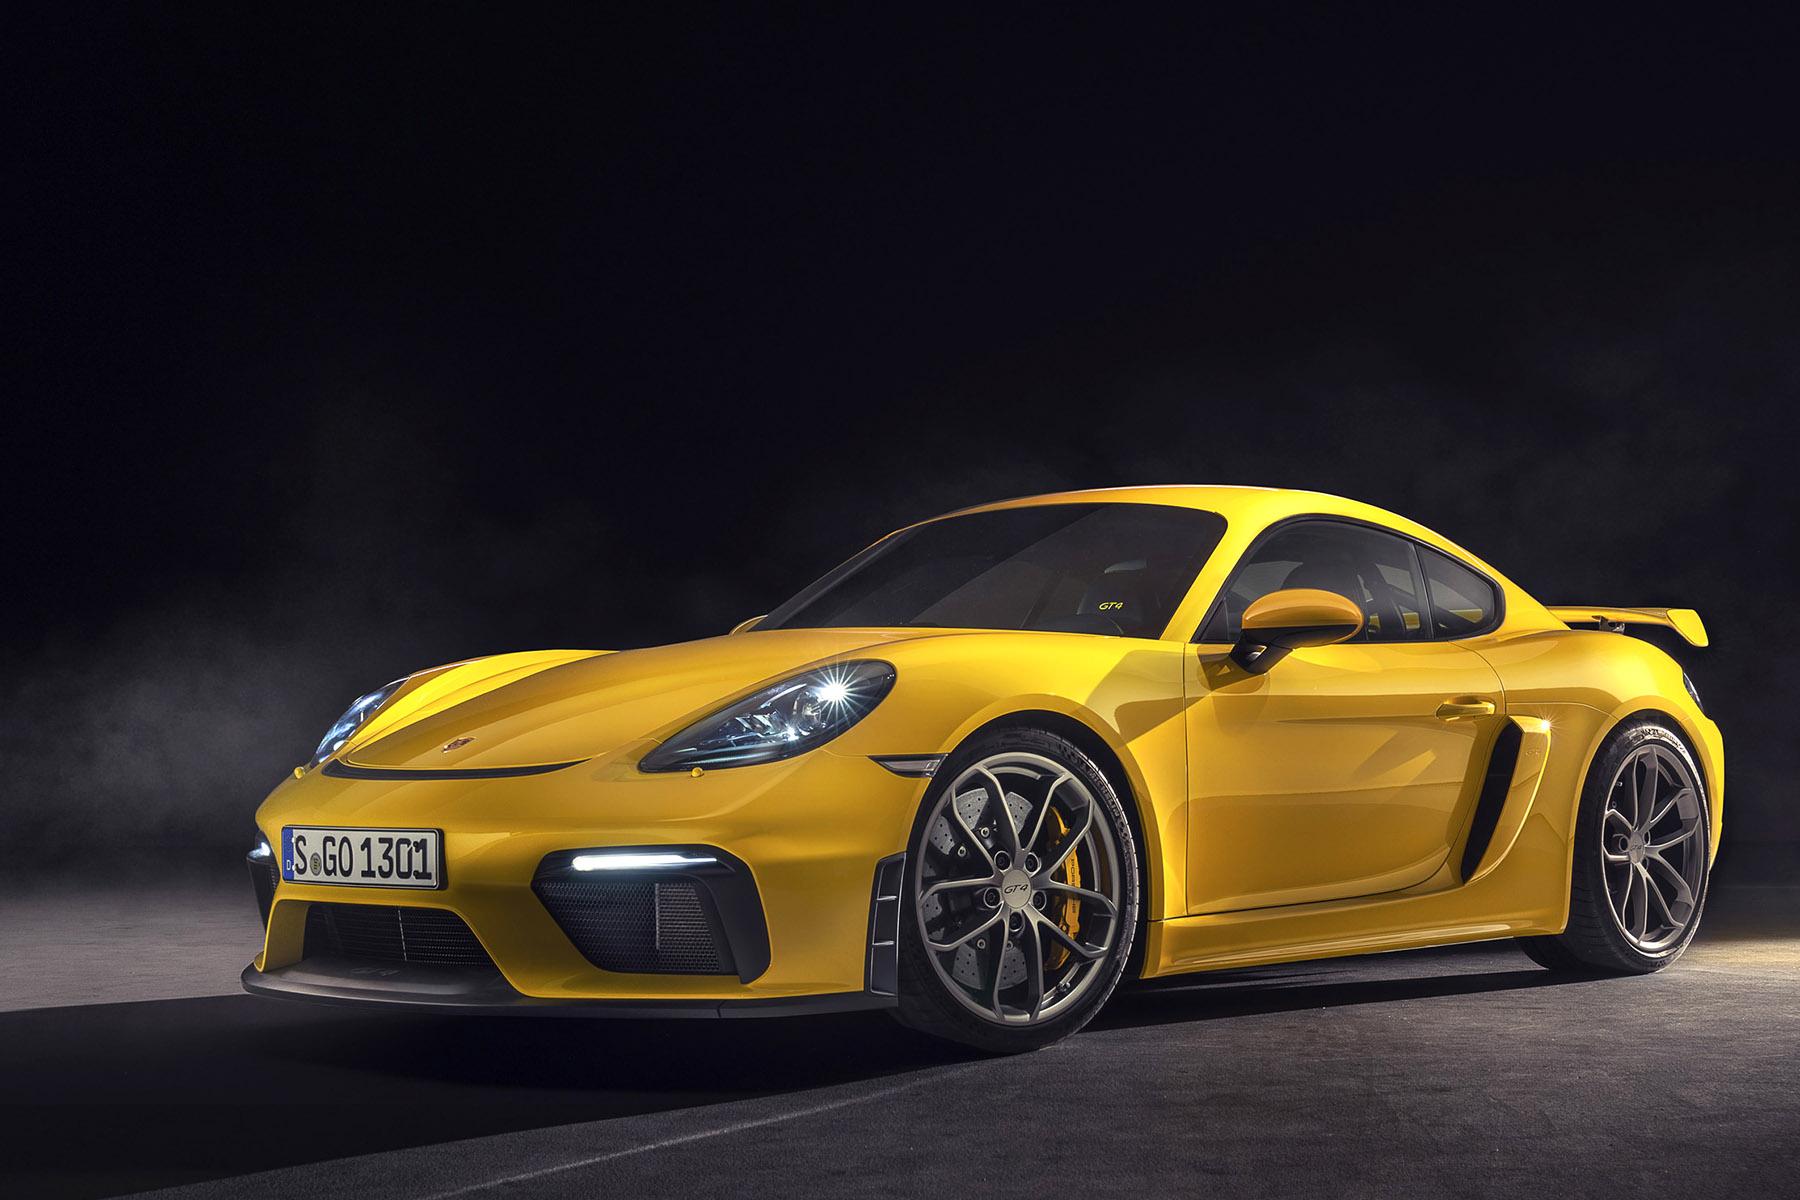 Australian GT welcomes new Porsche Cayman GT4